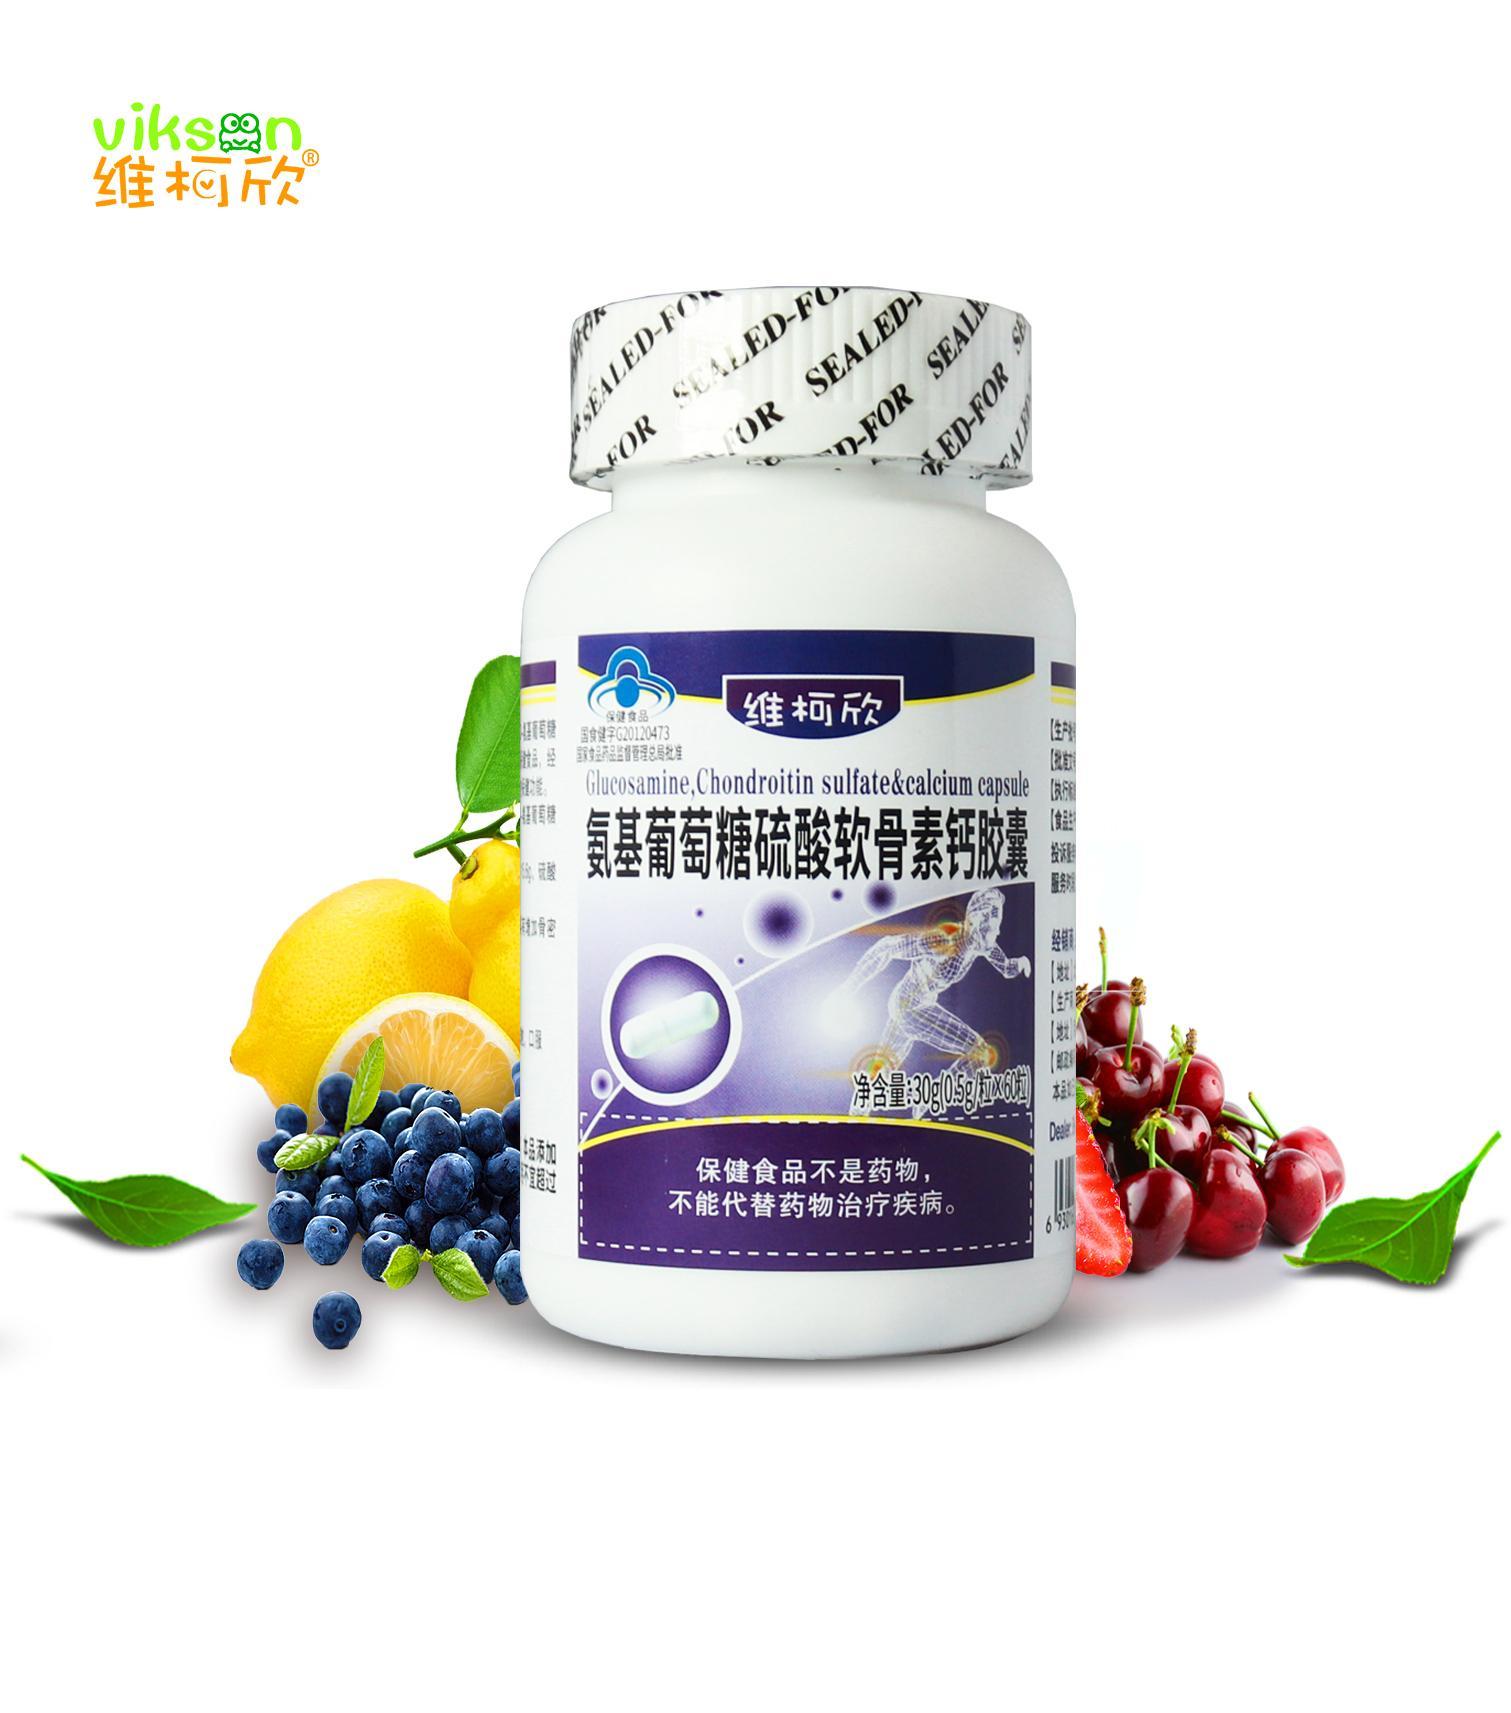 维柯欣氨基葡萄糖硫酸软骨素钙胶囊招商